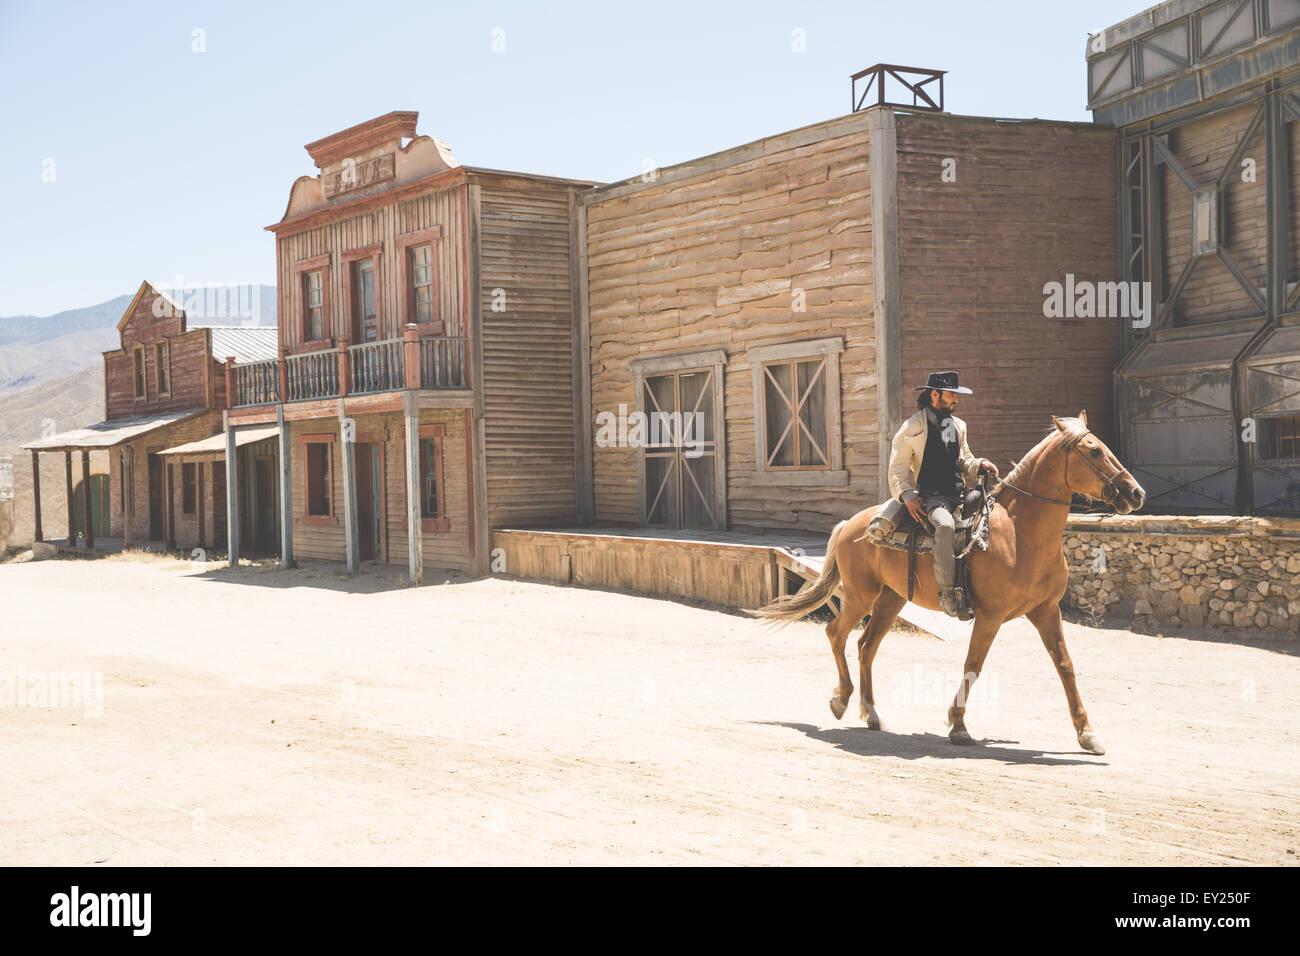 Cowboy Reiten auf Wild West Film eingestellt, Fort Bravo, Tabernas, Almeria, Spanien Stockbild